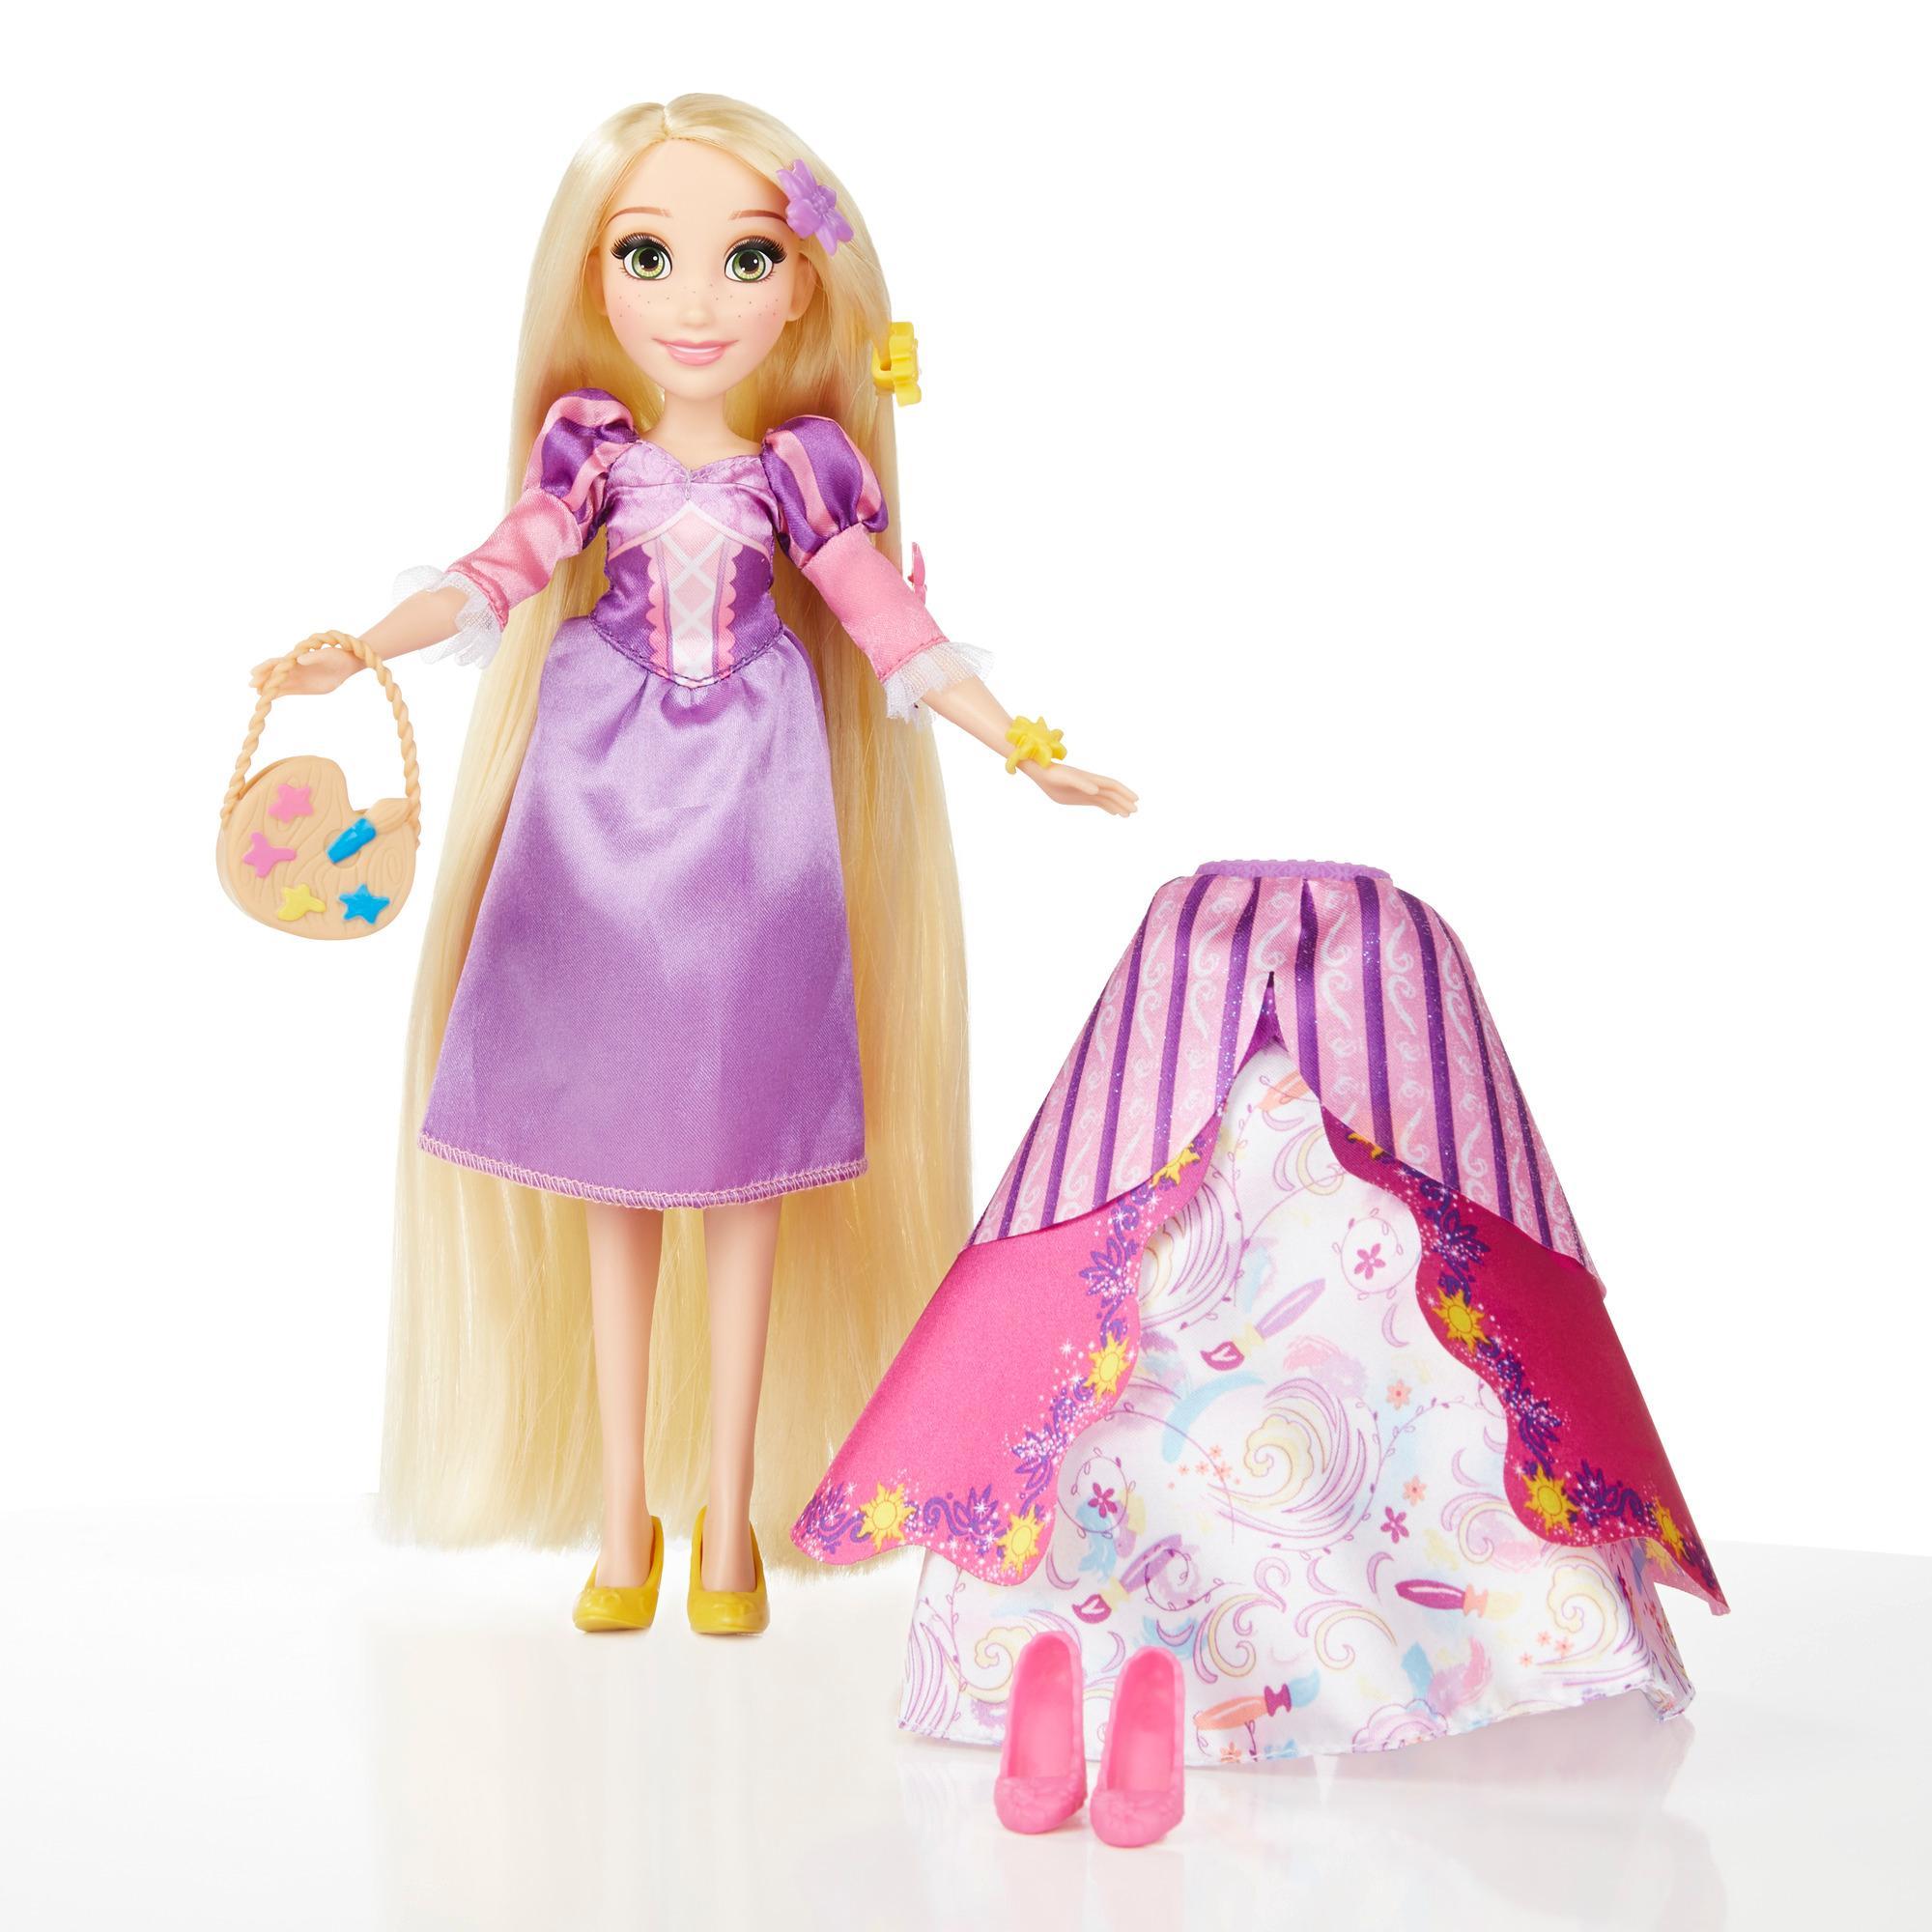 迪士尼公主換裝遊戲組-長髮公主樂佩